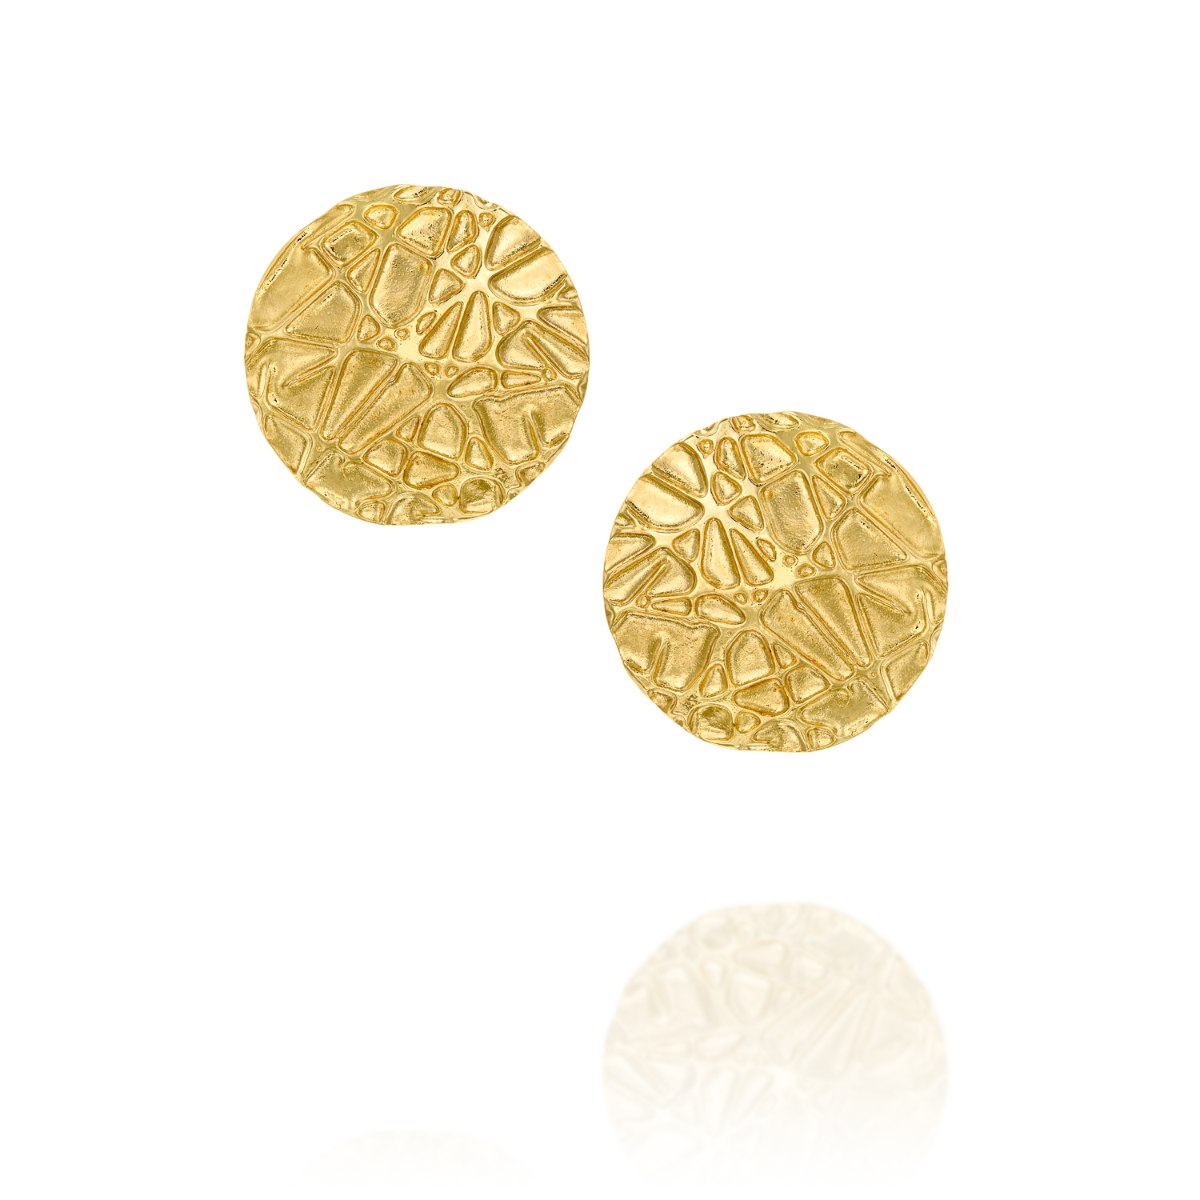 עגיל צמוד זהב 14 קרט עיגול שריטות נועה טריפ noa tripp